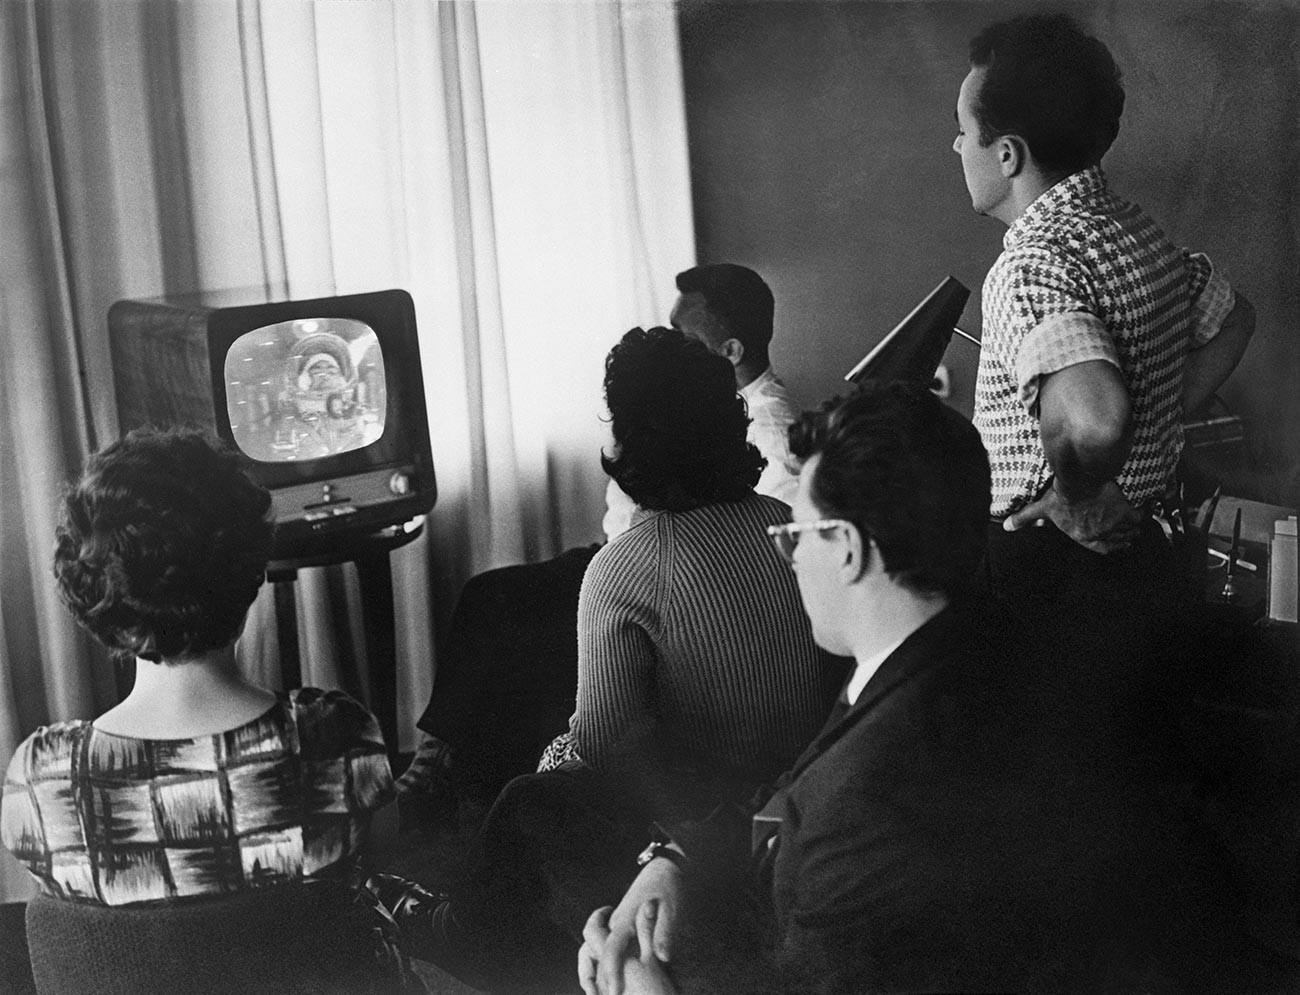 """Московљани гледају директан пренос са космичког брода """"Восток-3"""", 12. август 1962. године. На екрану се види космонаут Андријан Николајев."""